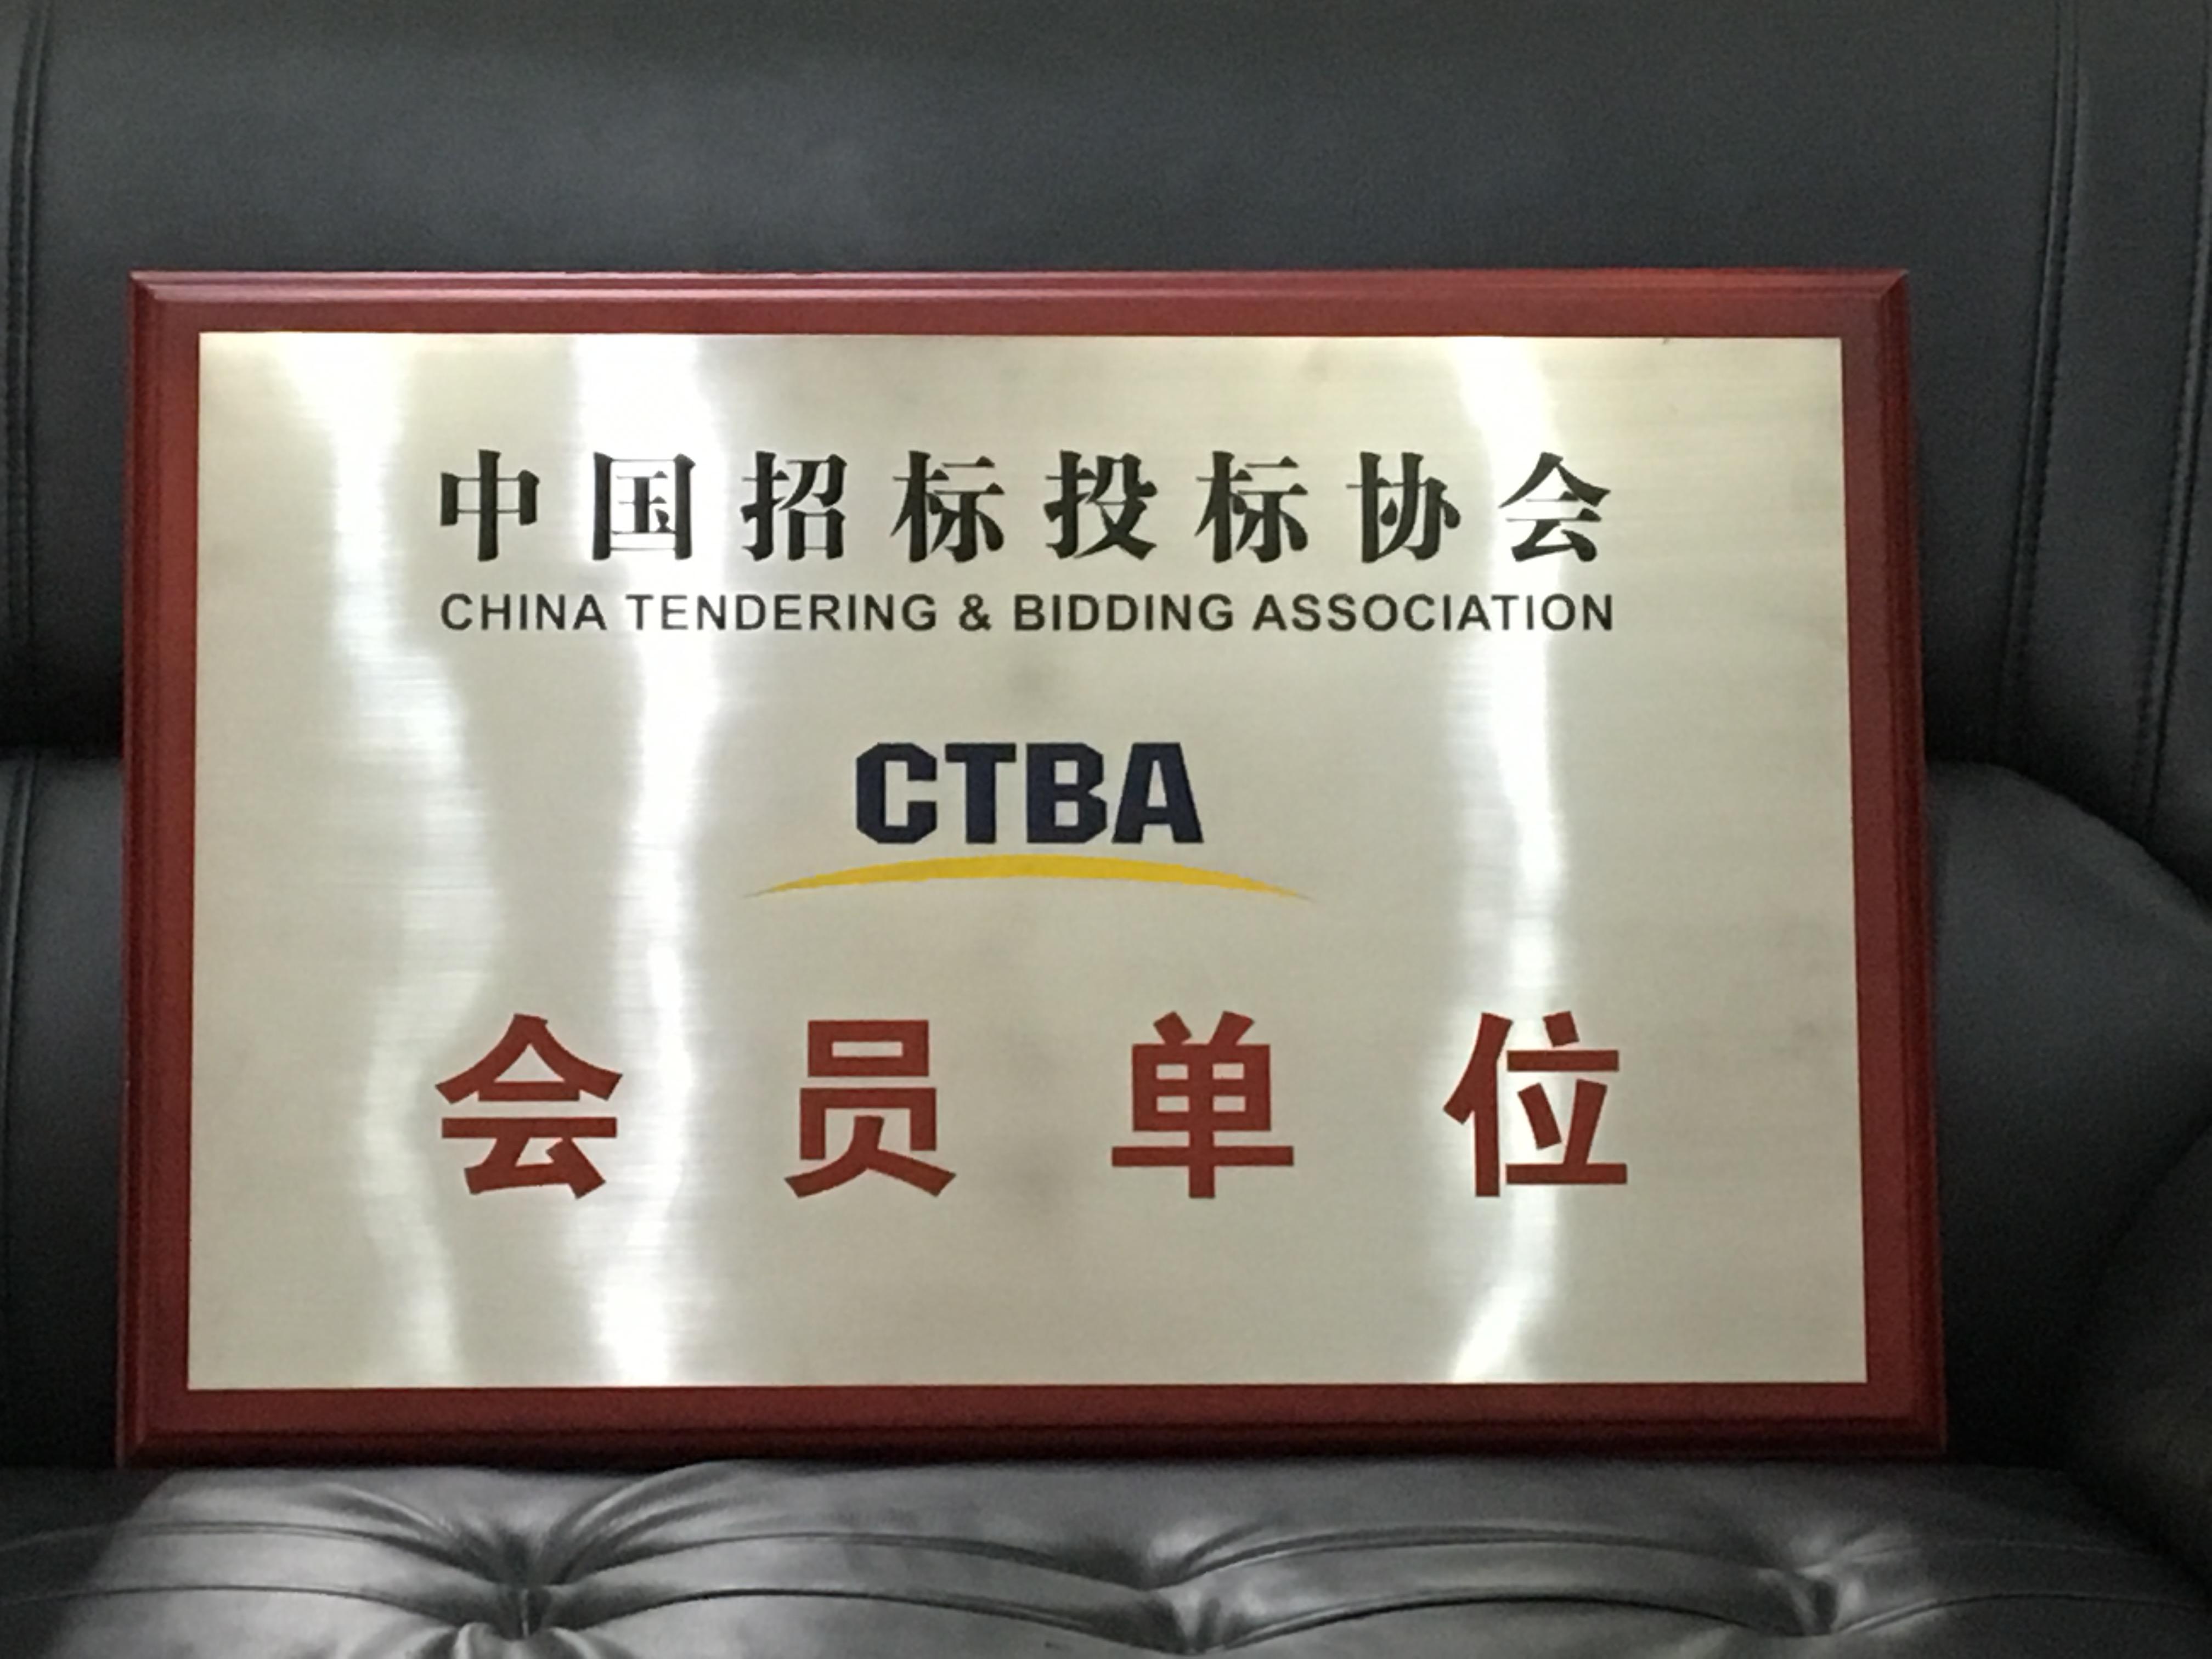 中国亚搏体育官方网站登录投标协会会员,66速聘